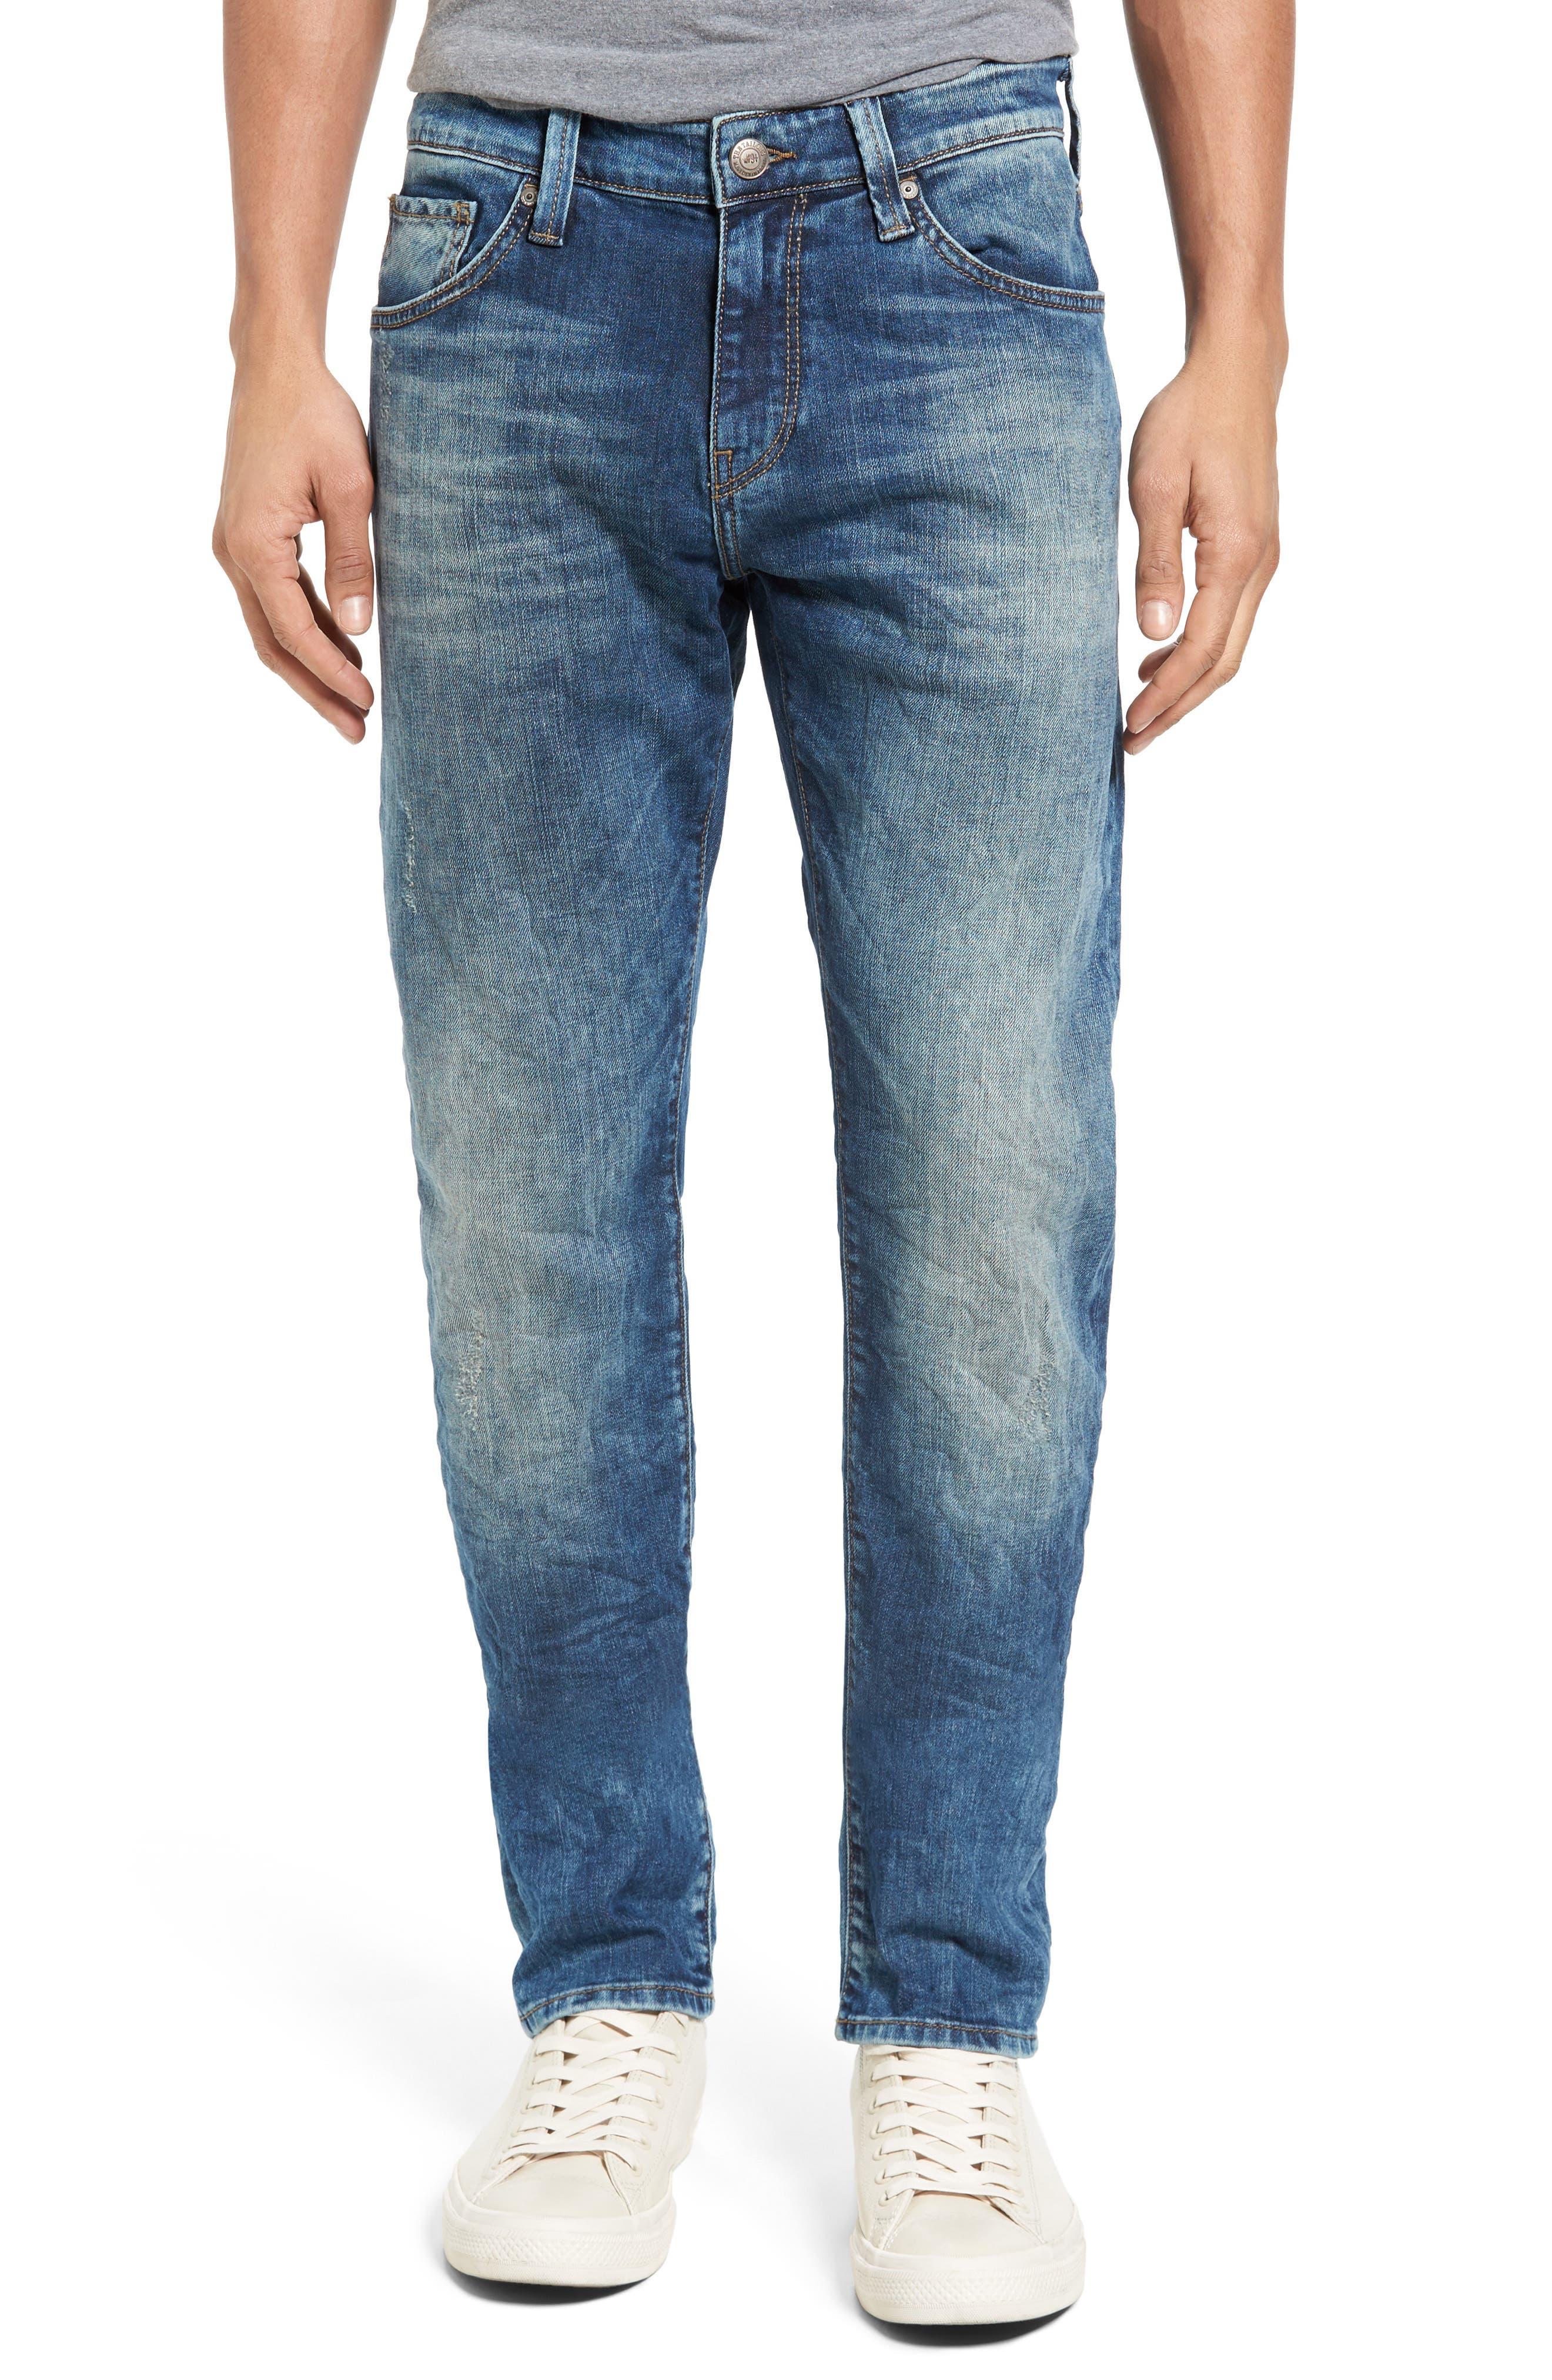 Jake Easy Slim Fit Jeans,                         Main,                         color, Random Extreme Vintage